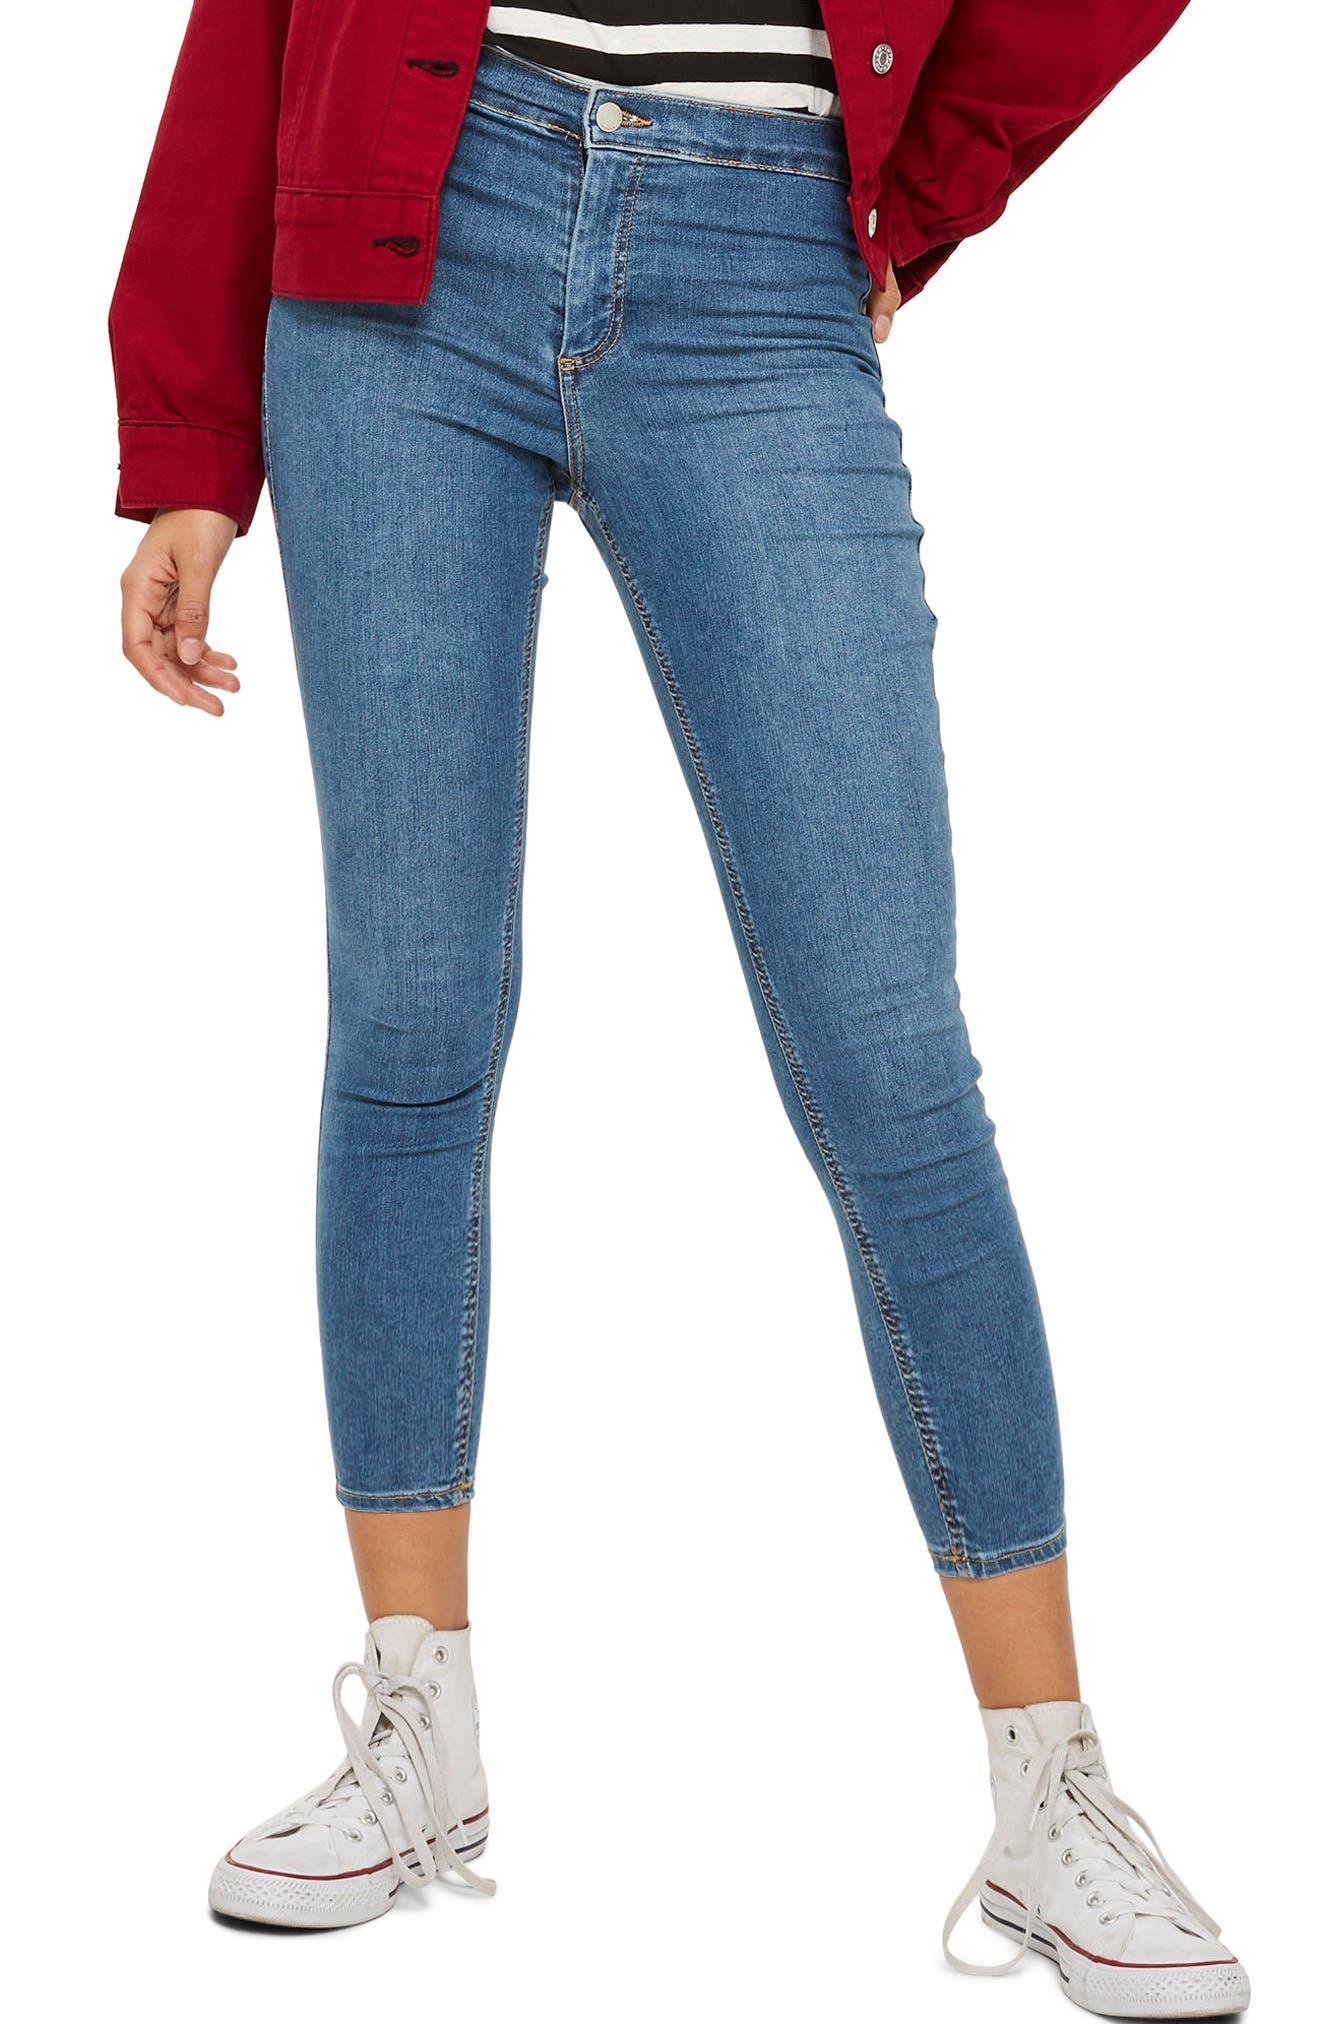 Topshop Joni Skinny Jeans (Petite)